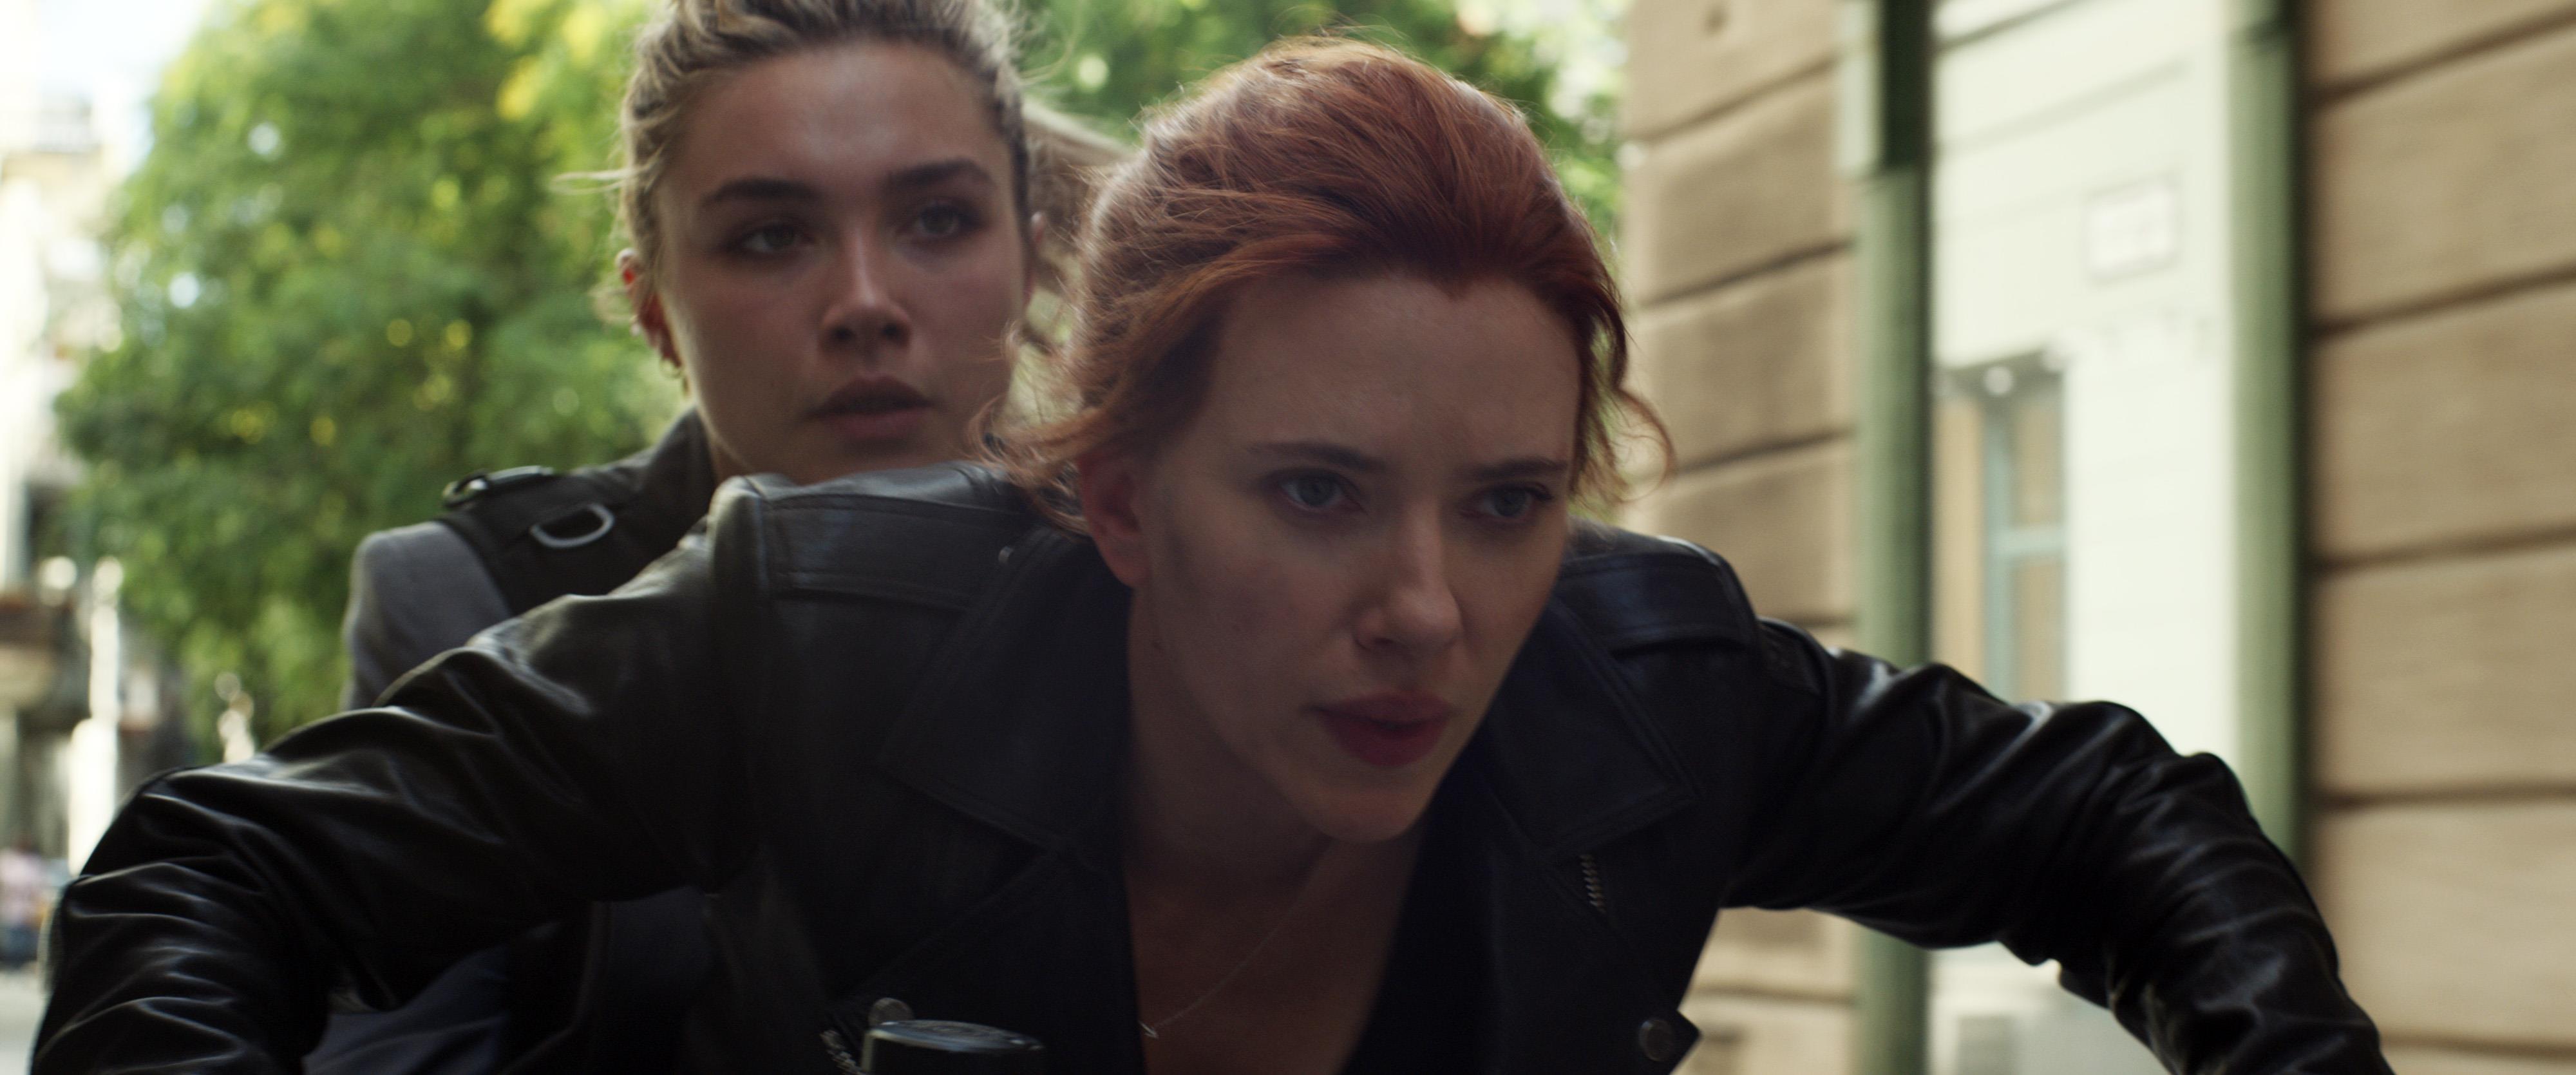 Black Widow : Scarlett Johansson et Florence Pugh en pleine course-poursuite [extrait]